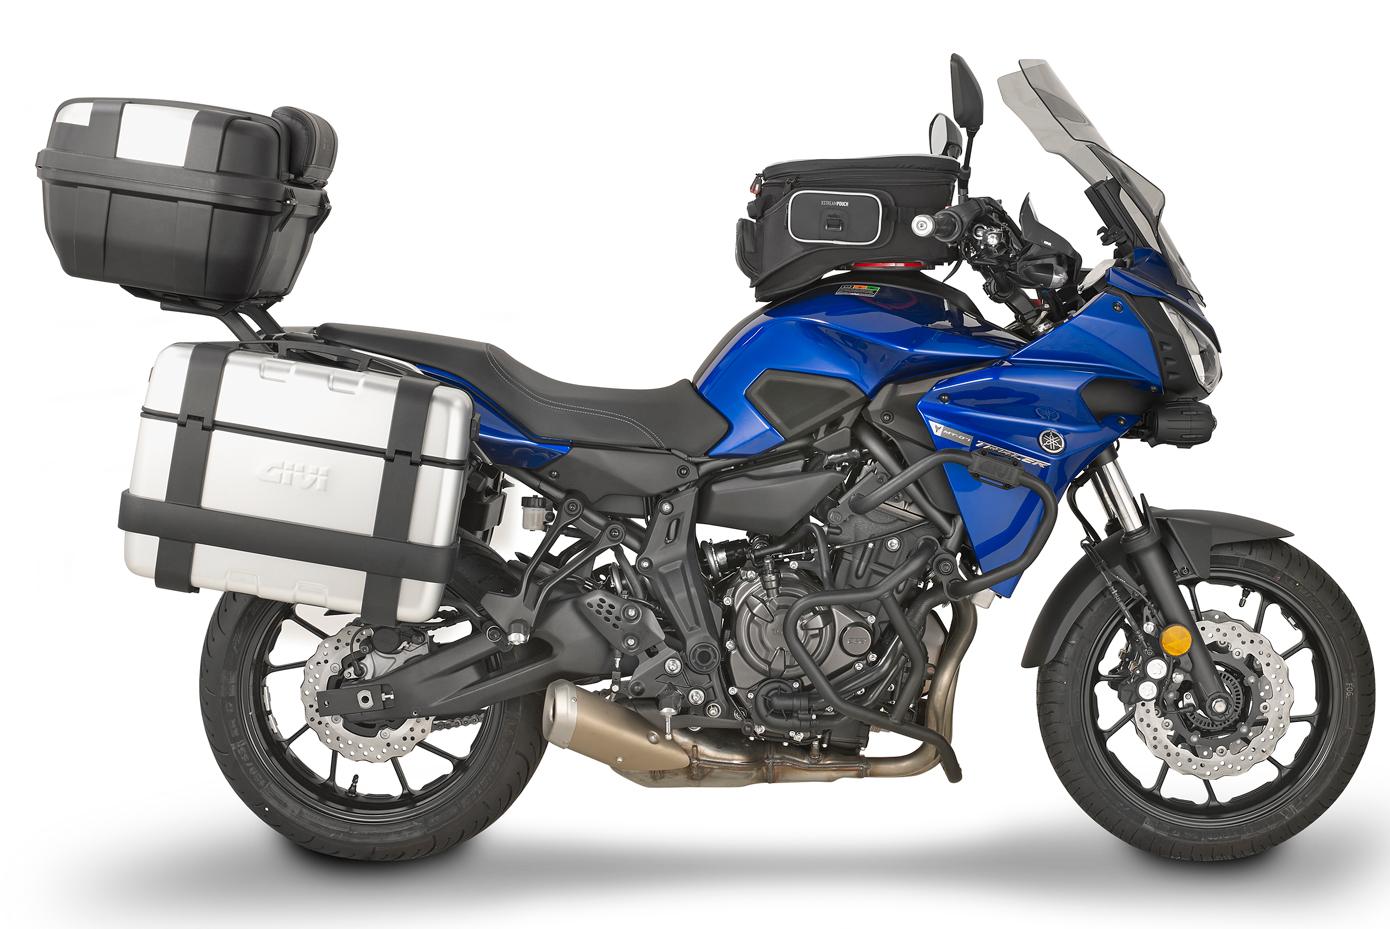 Givi engine guard tn2130 for Yamaha tracer 700